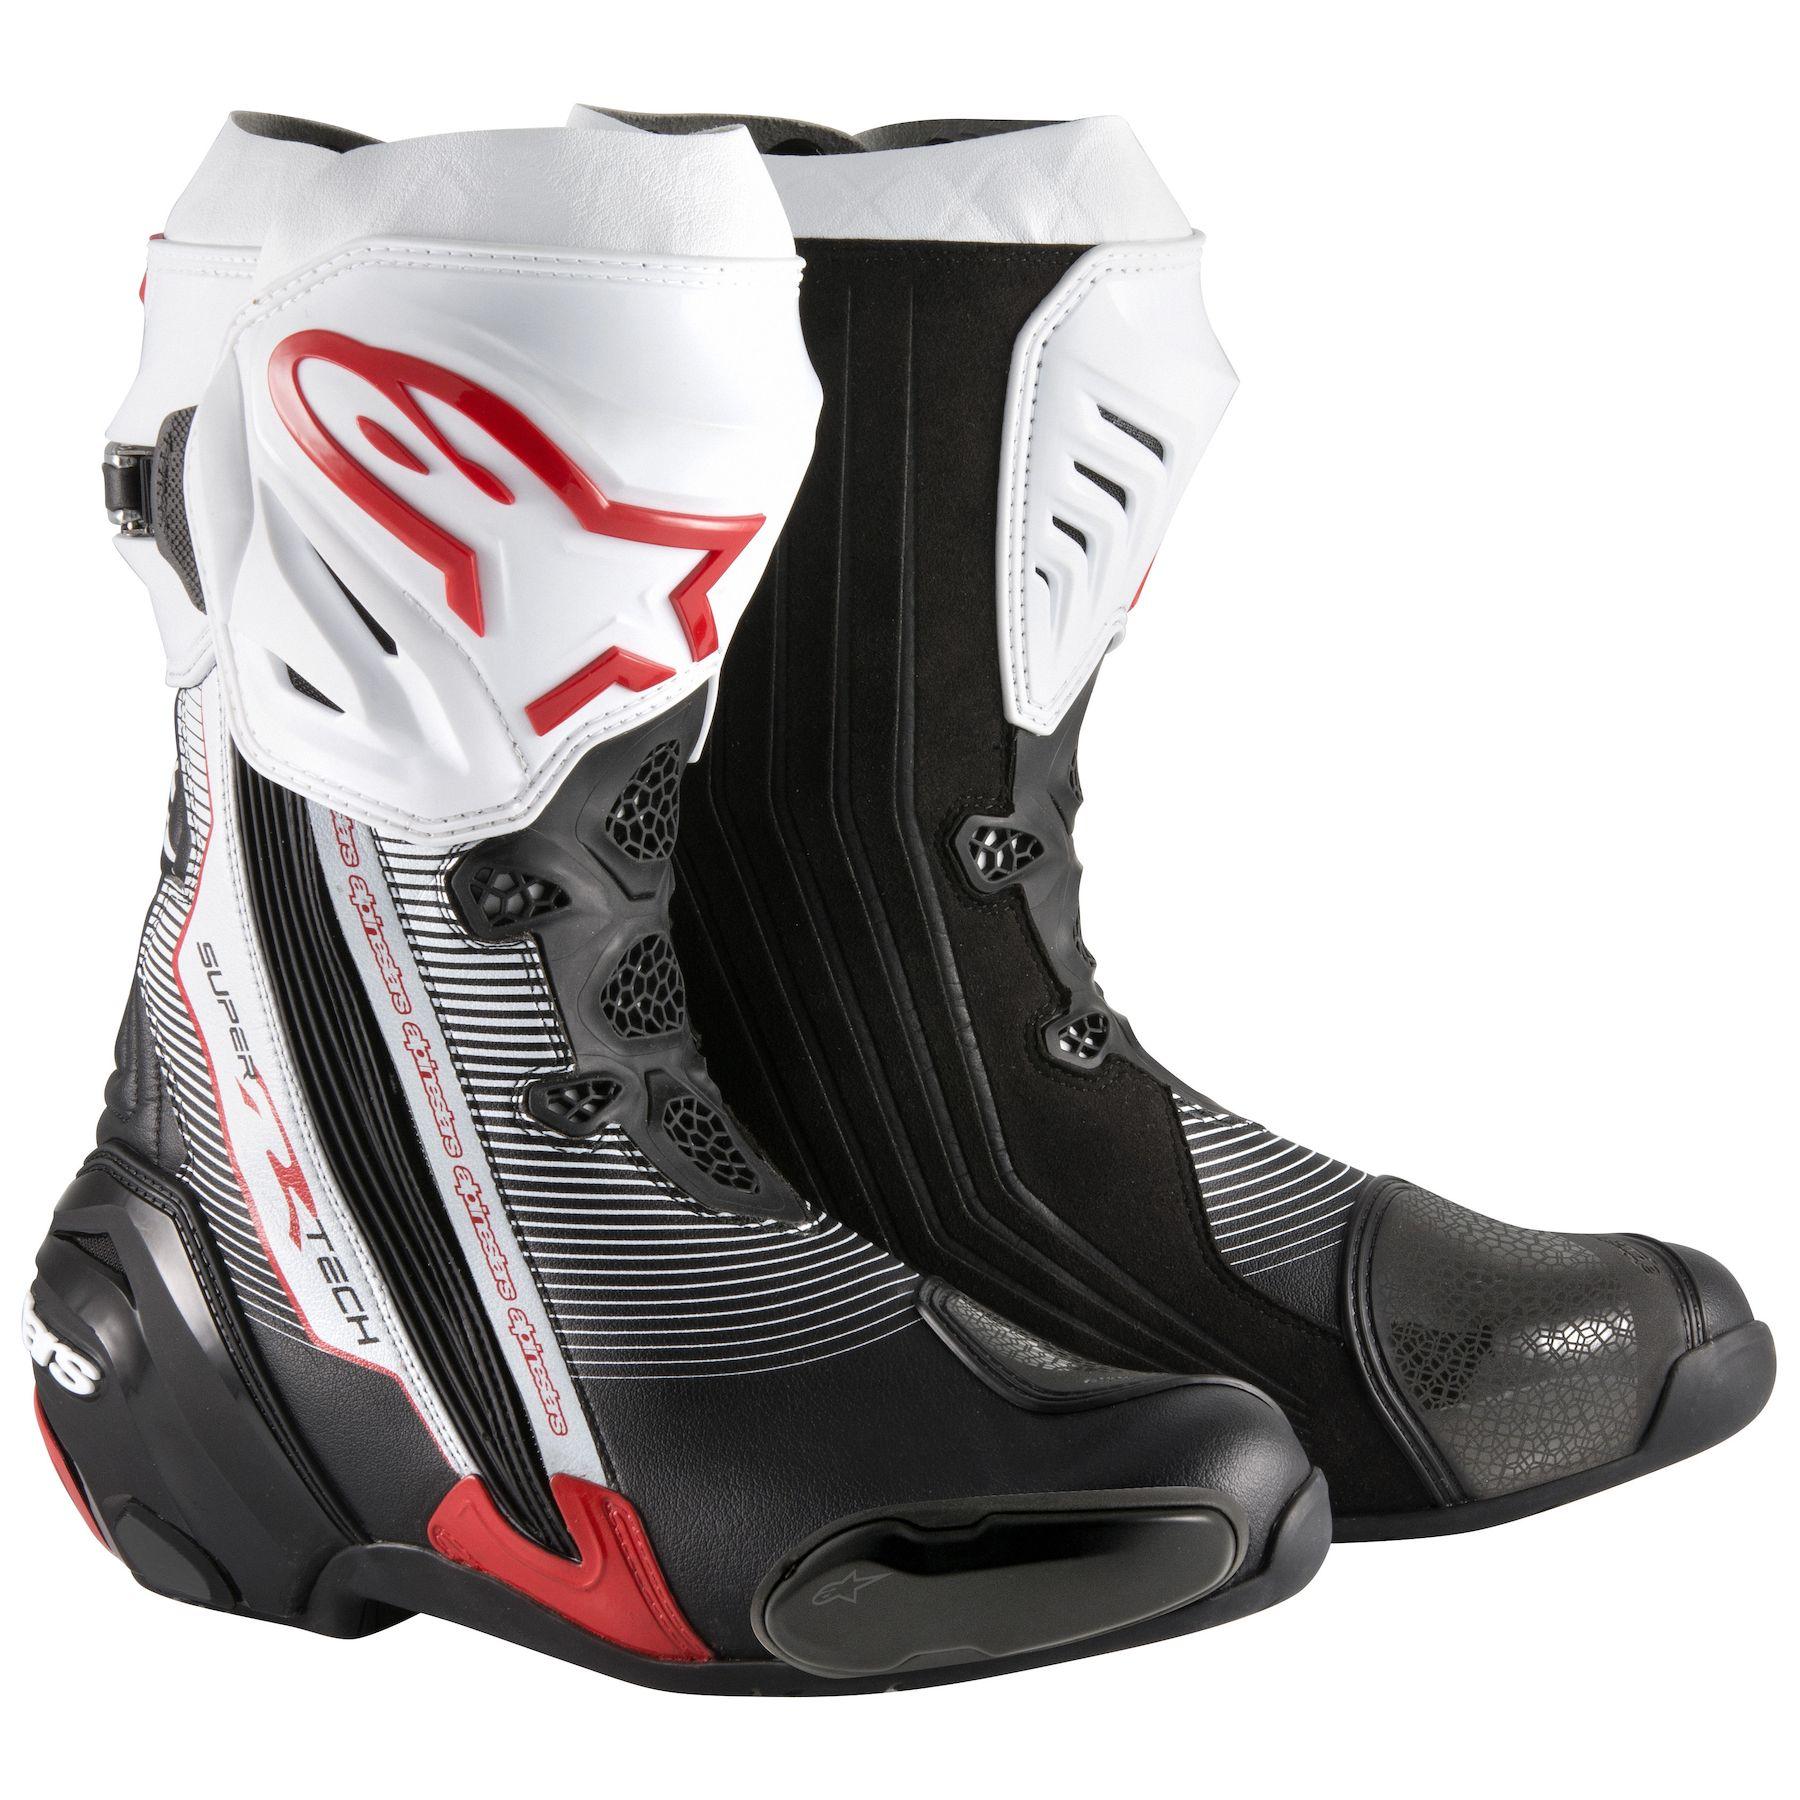 Topánky SUPERTECH R, ALPINESTARS (čierne/biele/červené)